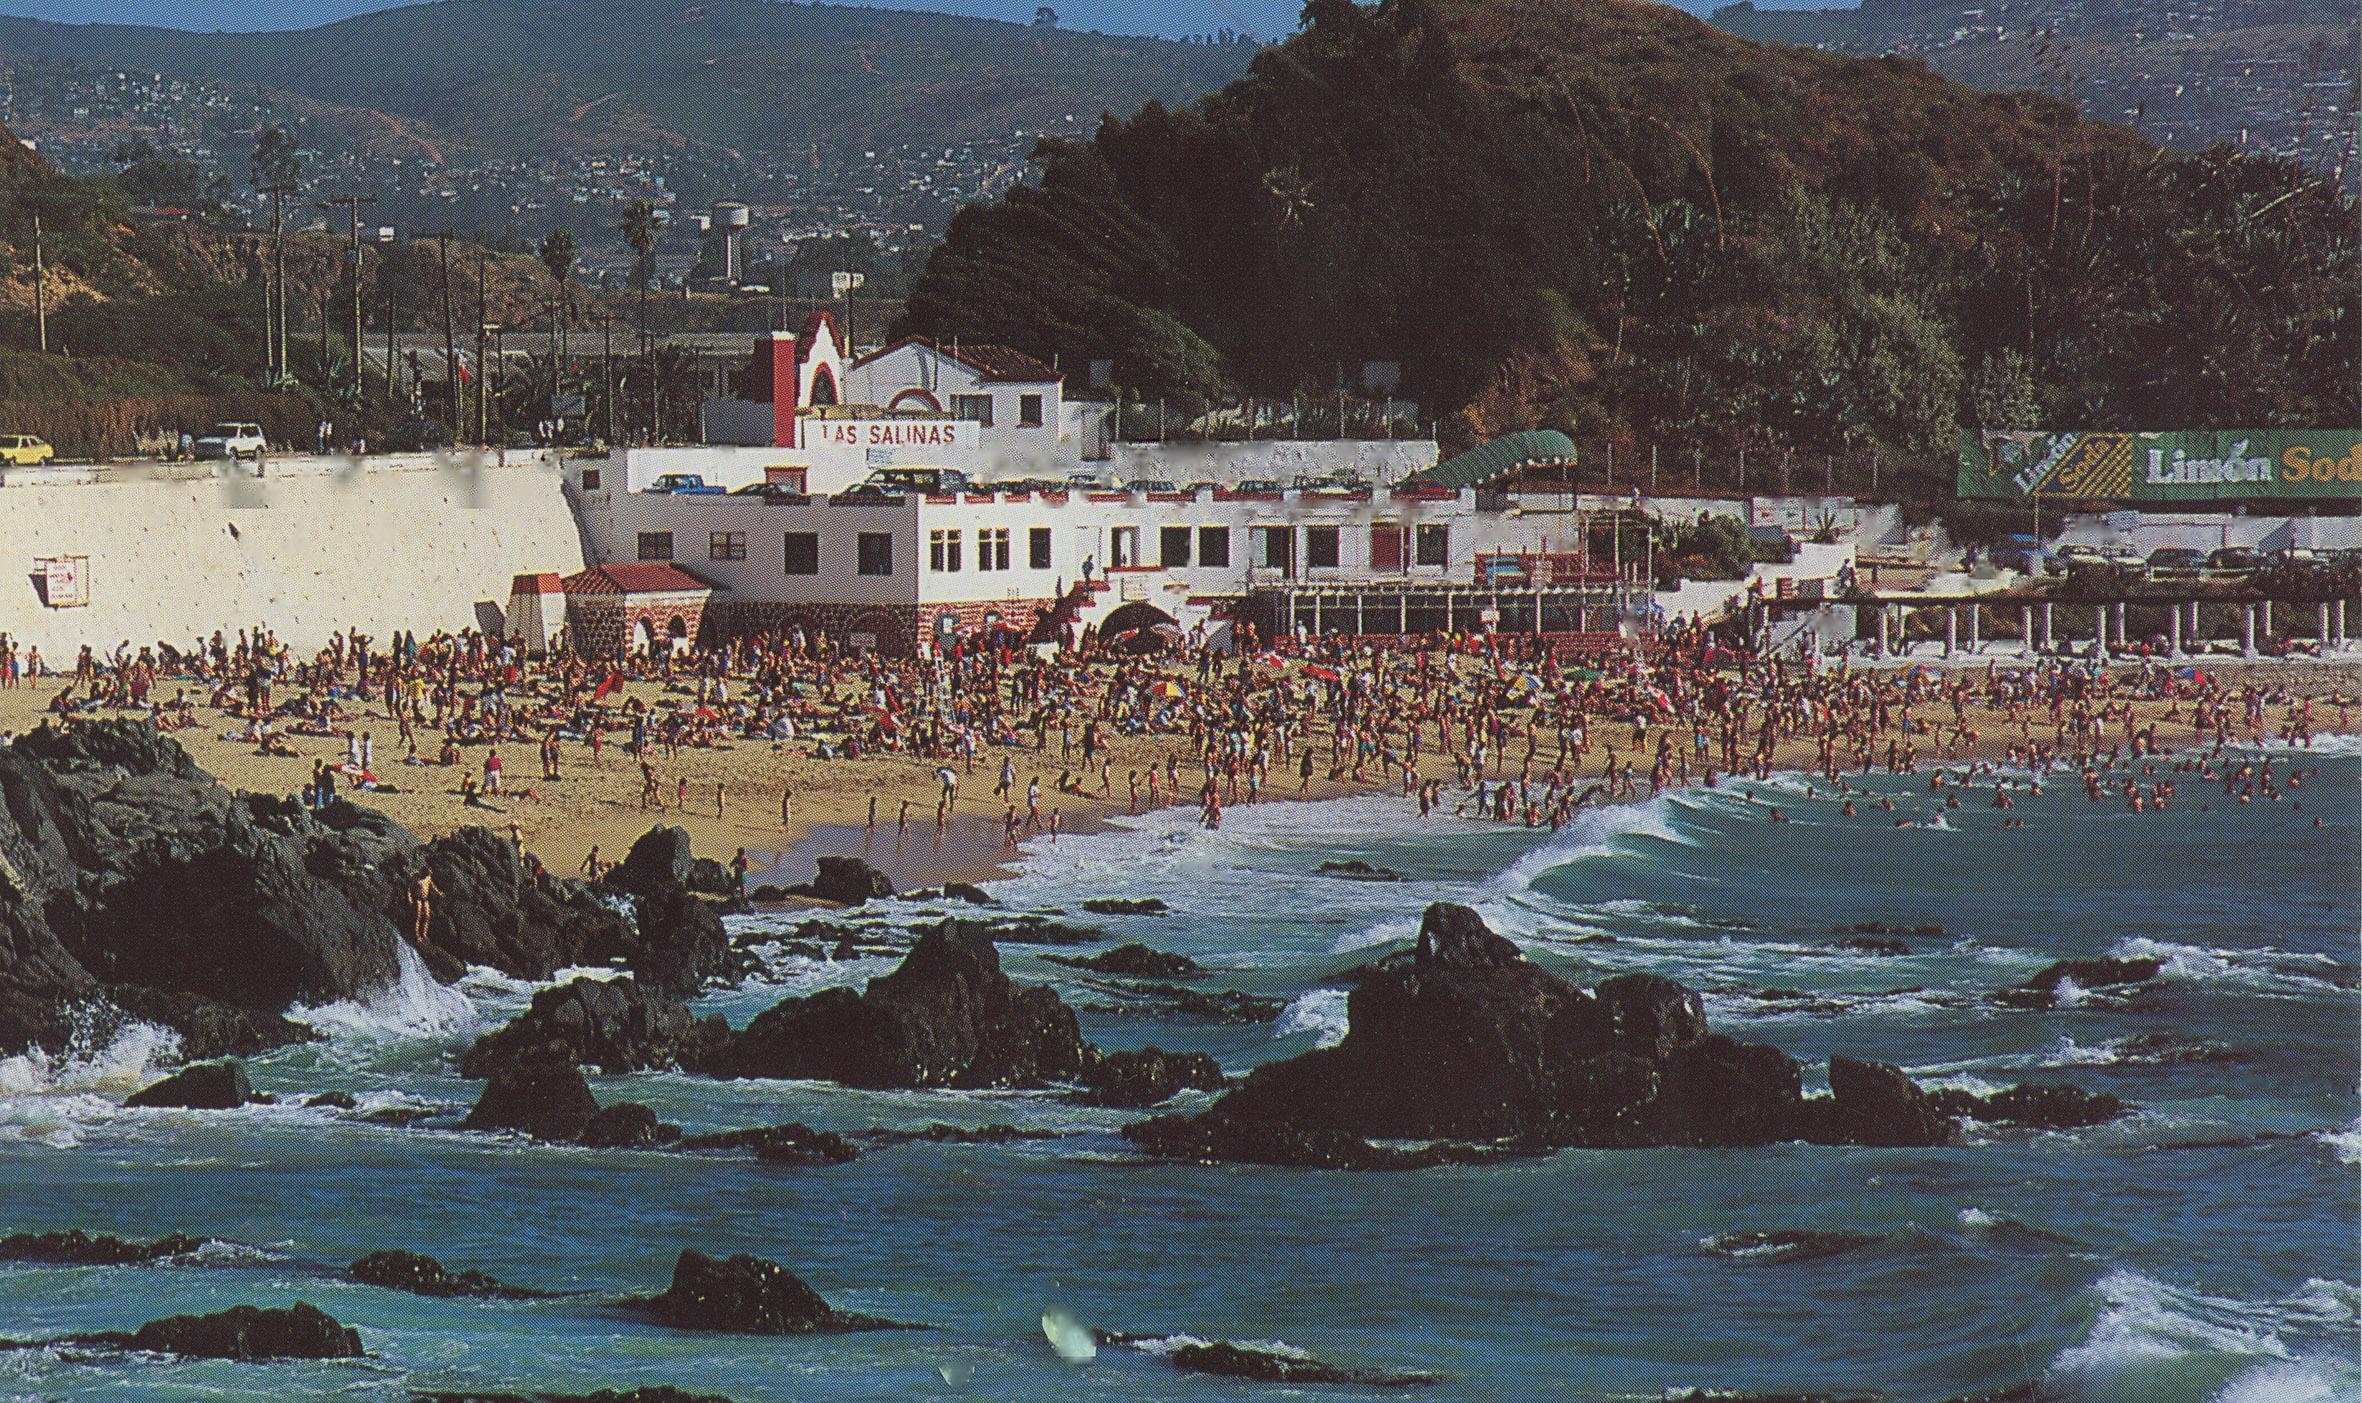 Enterreno - Fotos históricas de chile - fotos antiguas de Chile - Playa Las Salinas, Viña del Mar en los años 70